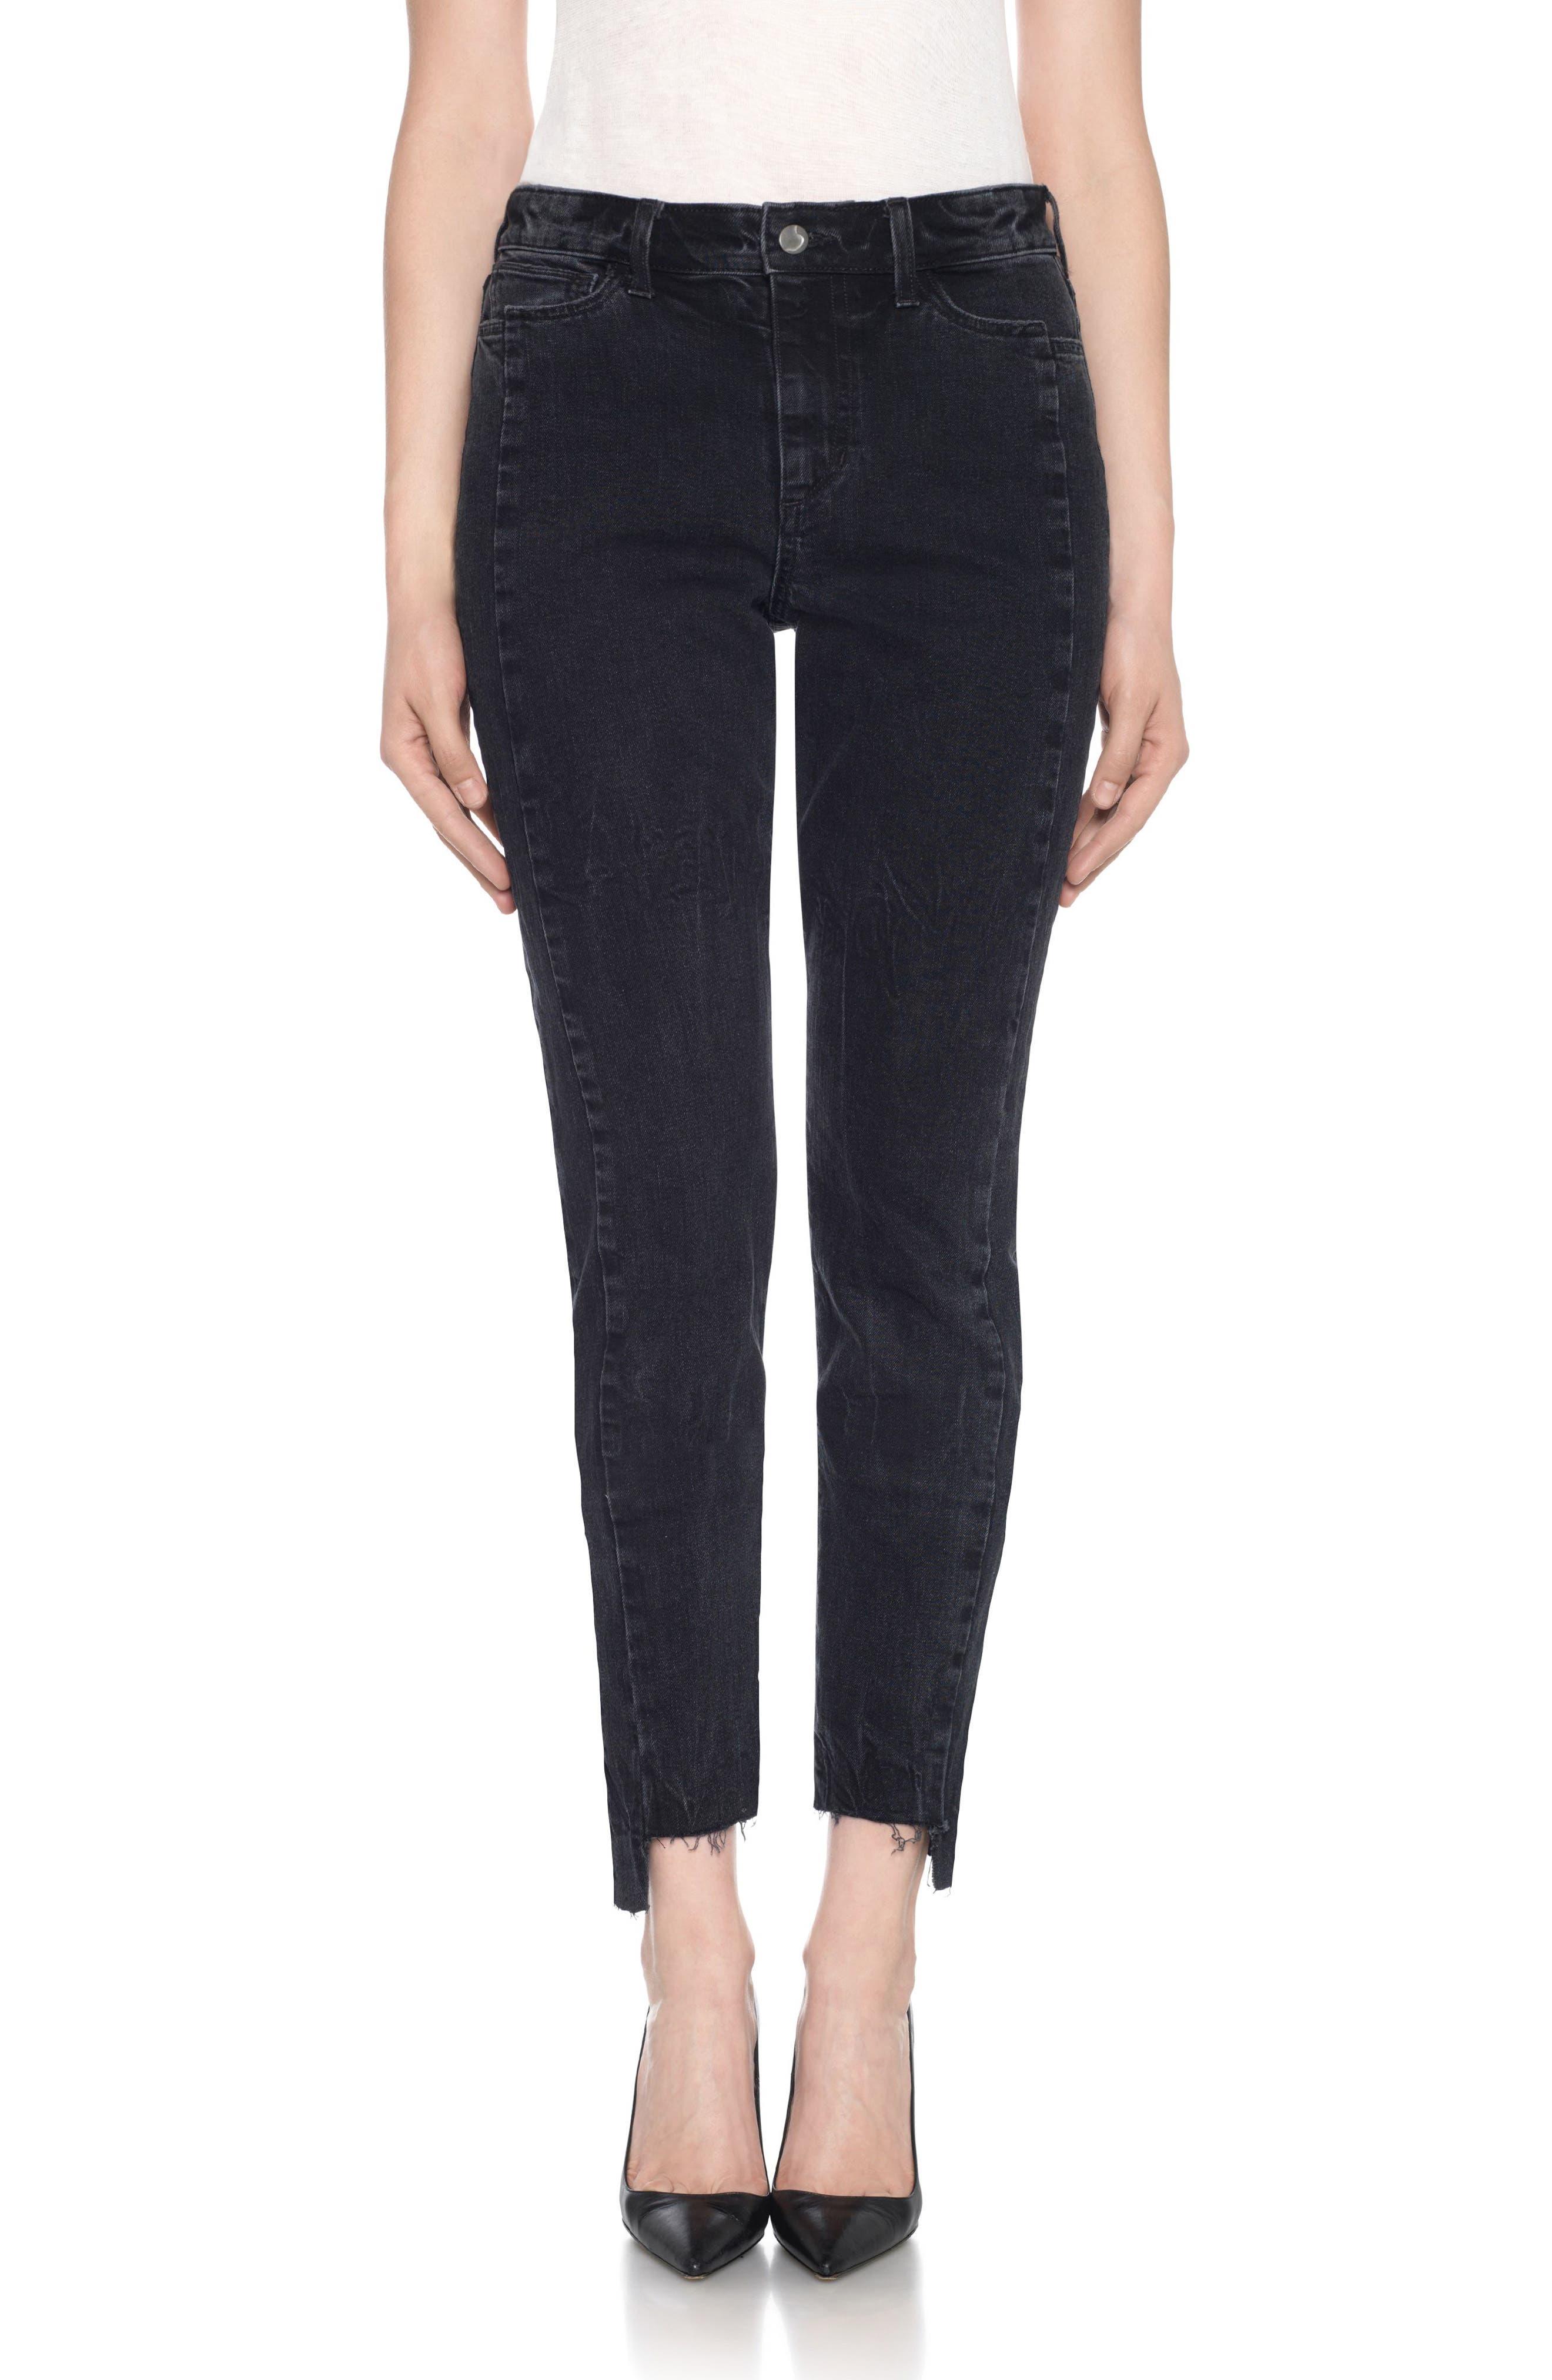 Taylor Hill x Joe's Kass Raw Step Hem Ankle Skinny Jeans (Domino)